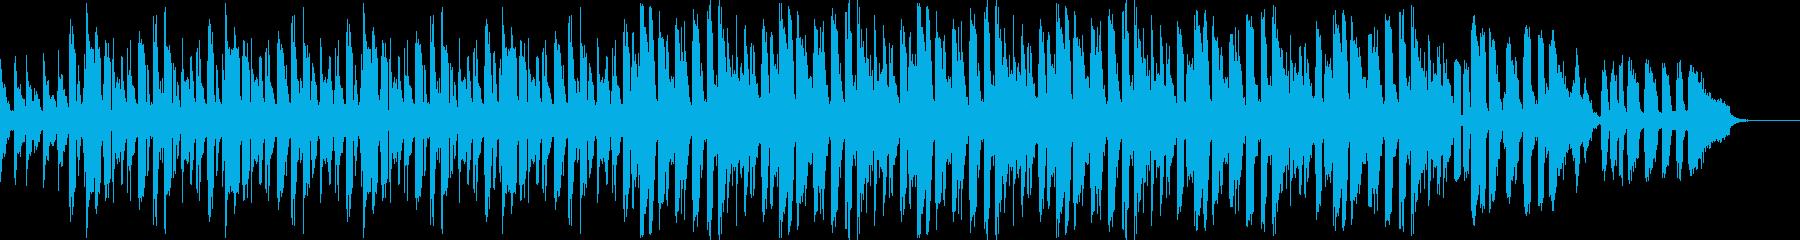 ハイテンポスウィングシンセなしverの再生済みの波形